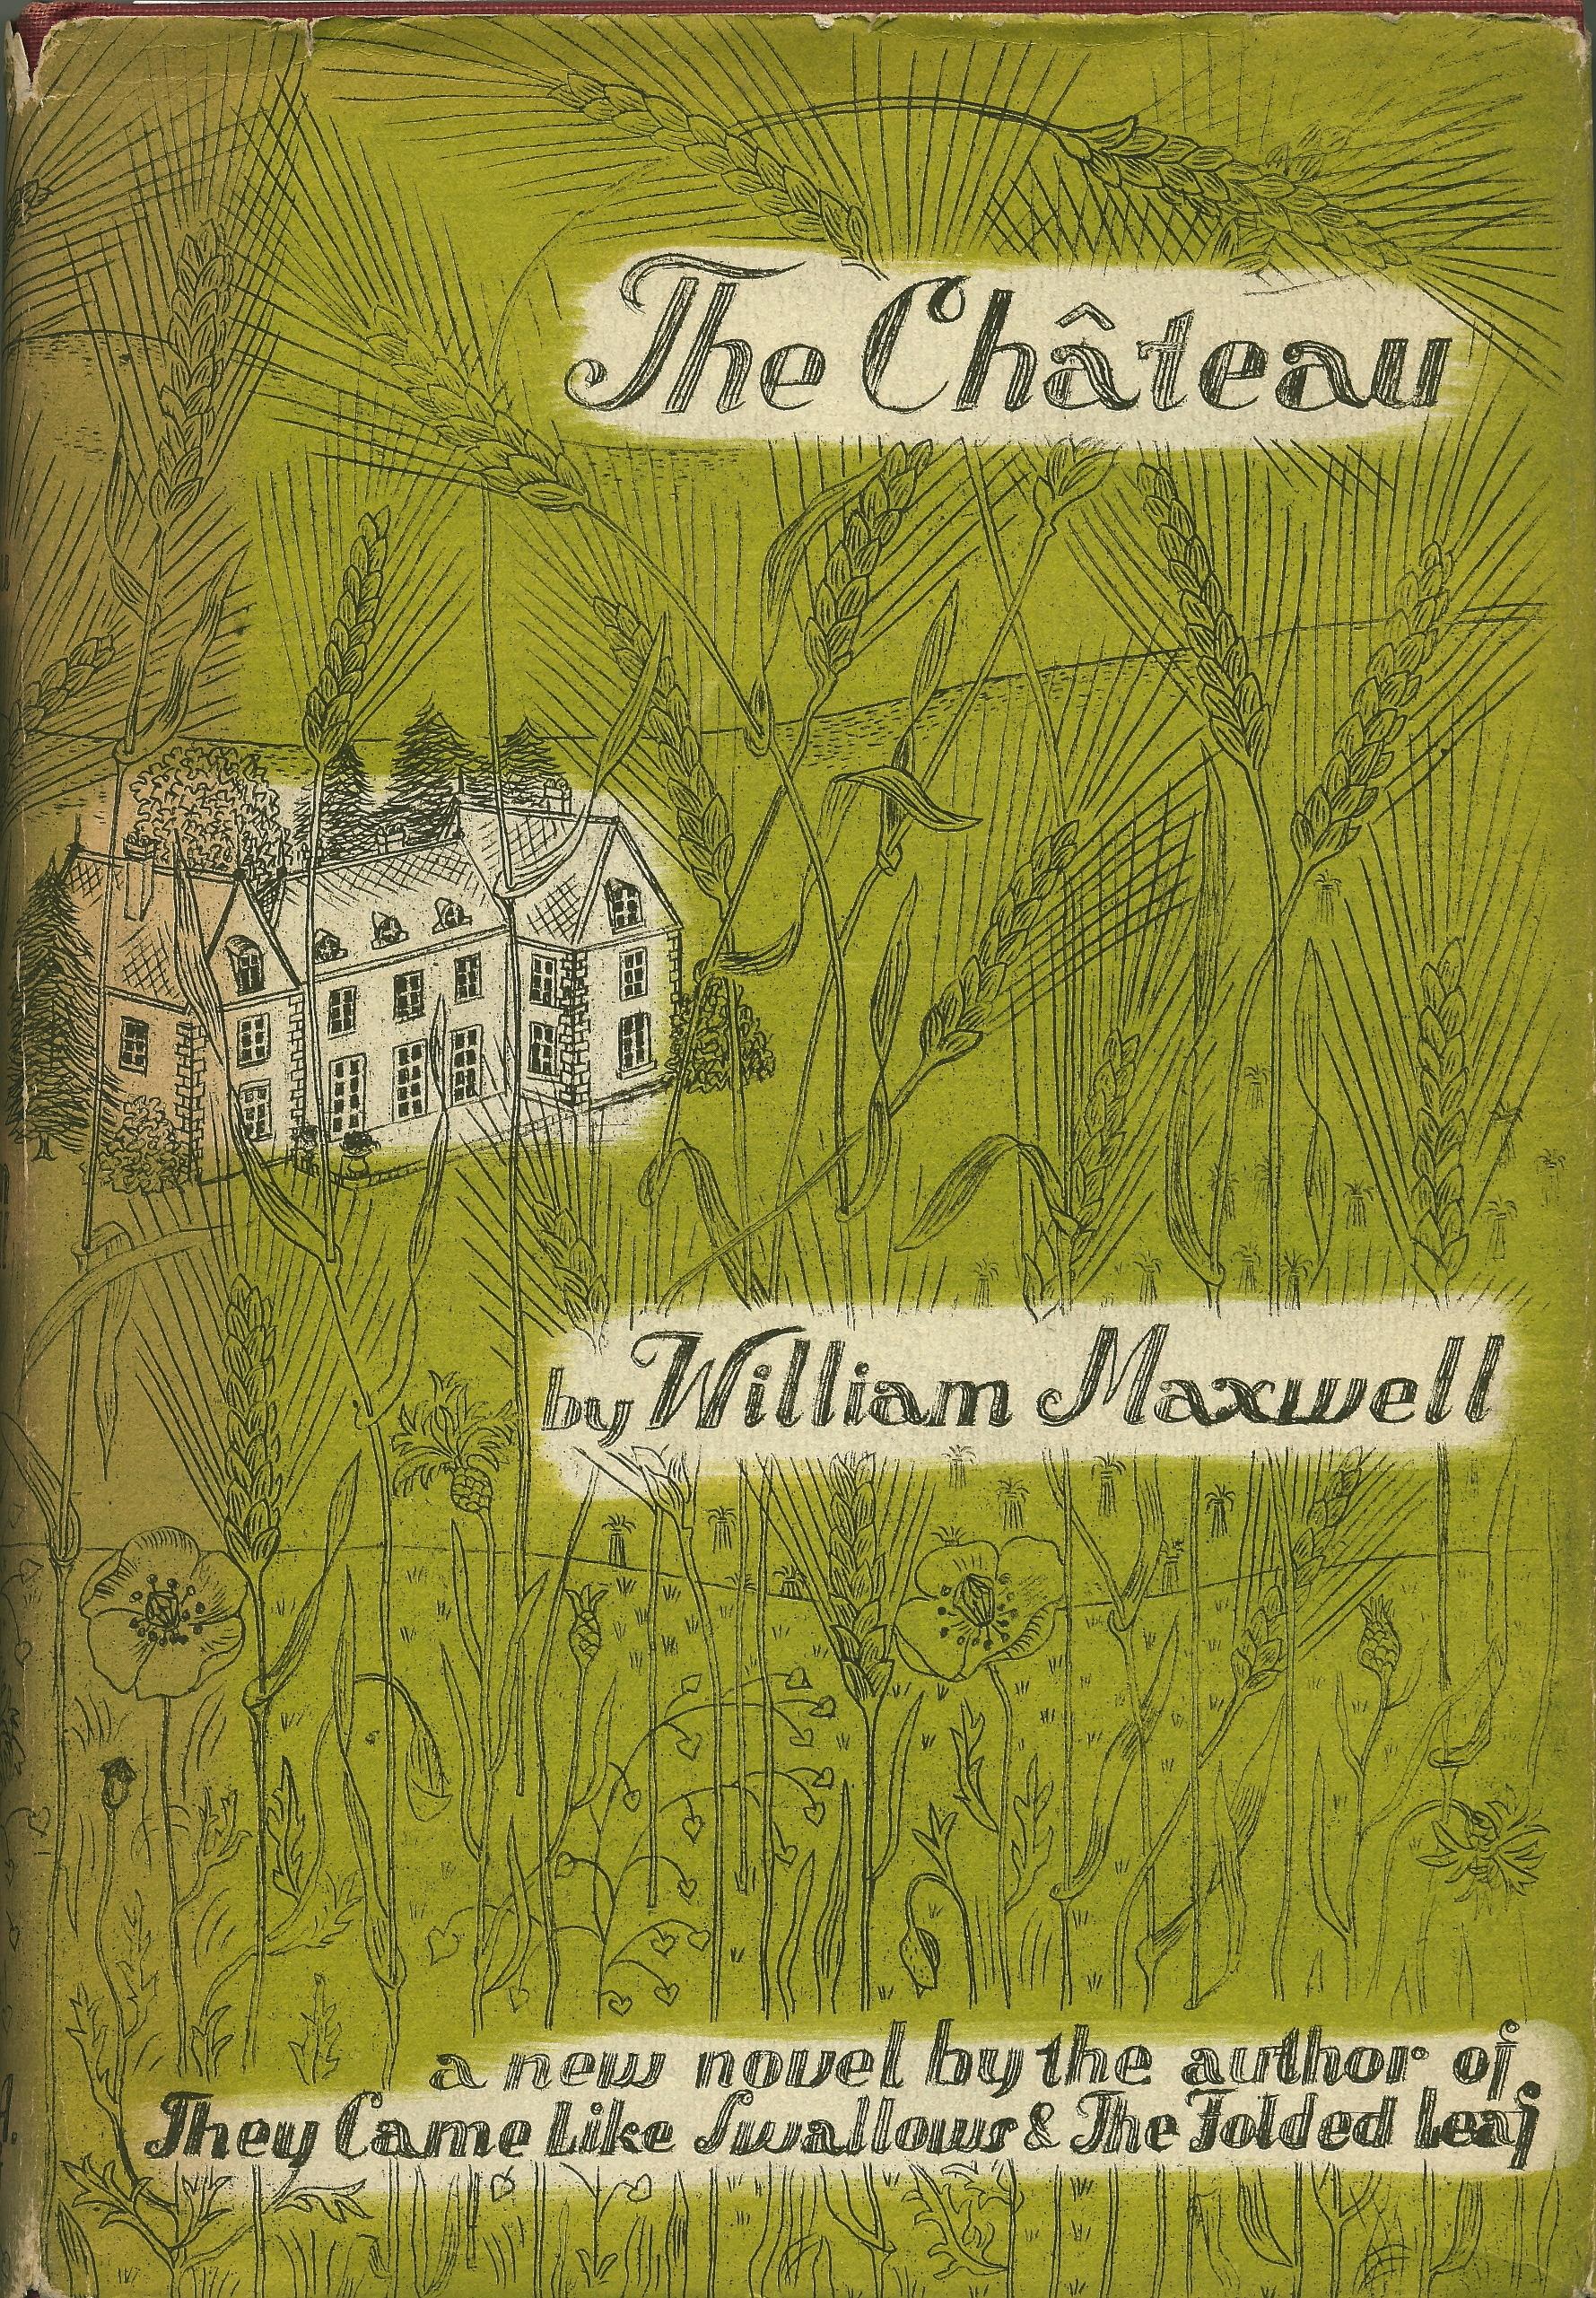 My copy of The  Château  by William Maxwell 1962, jacket by Ilonka Karasz